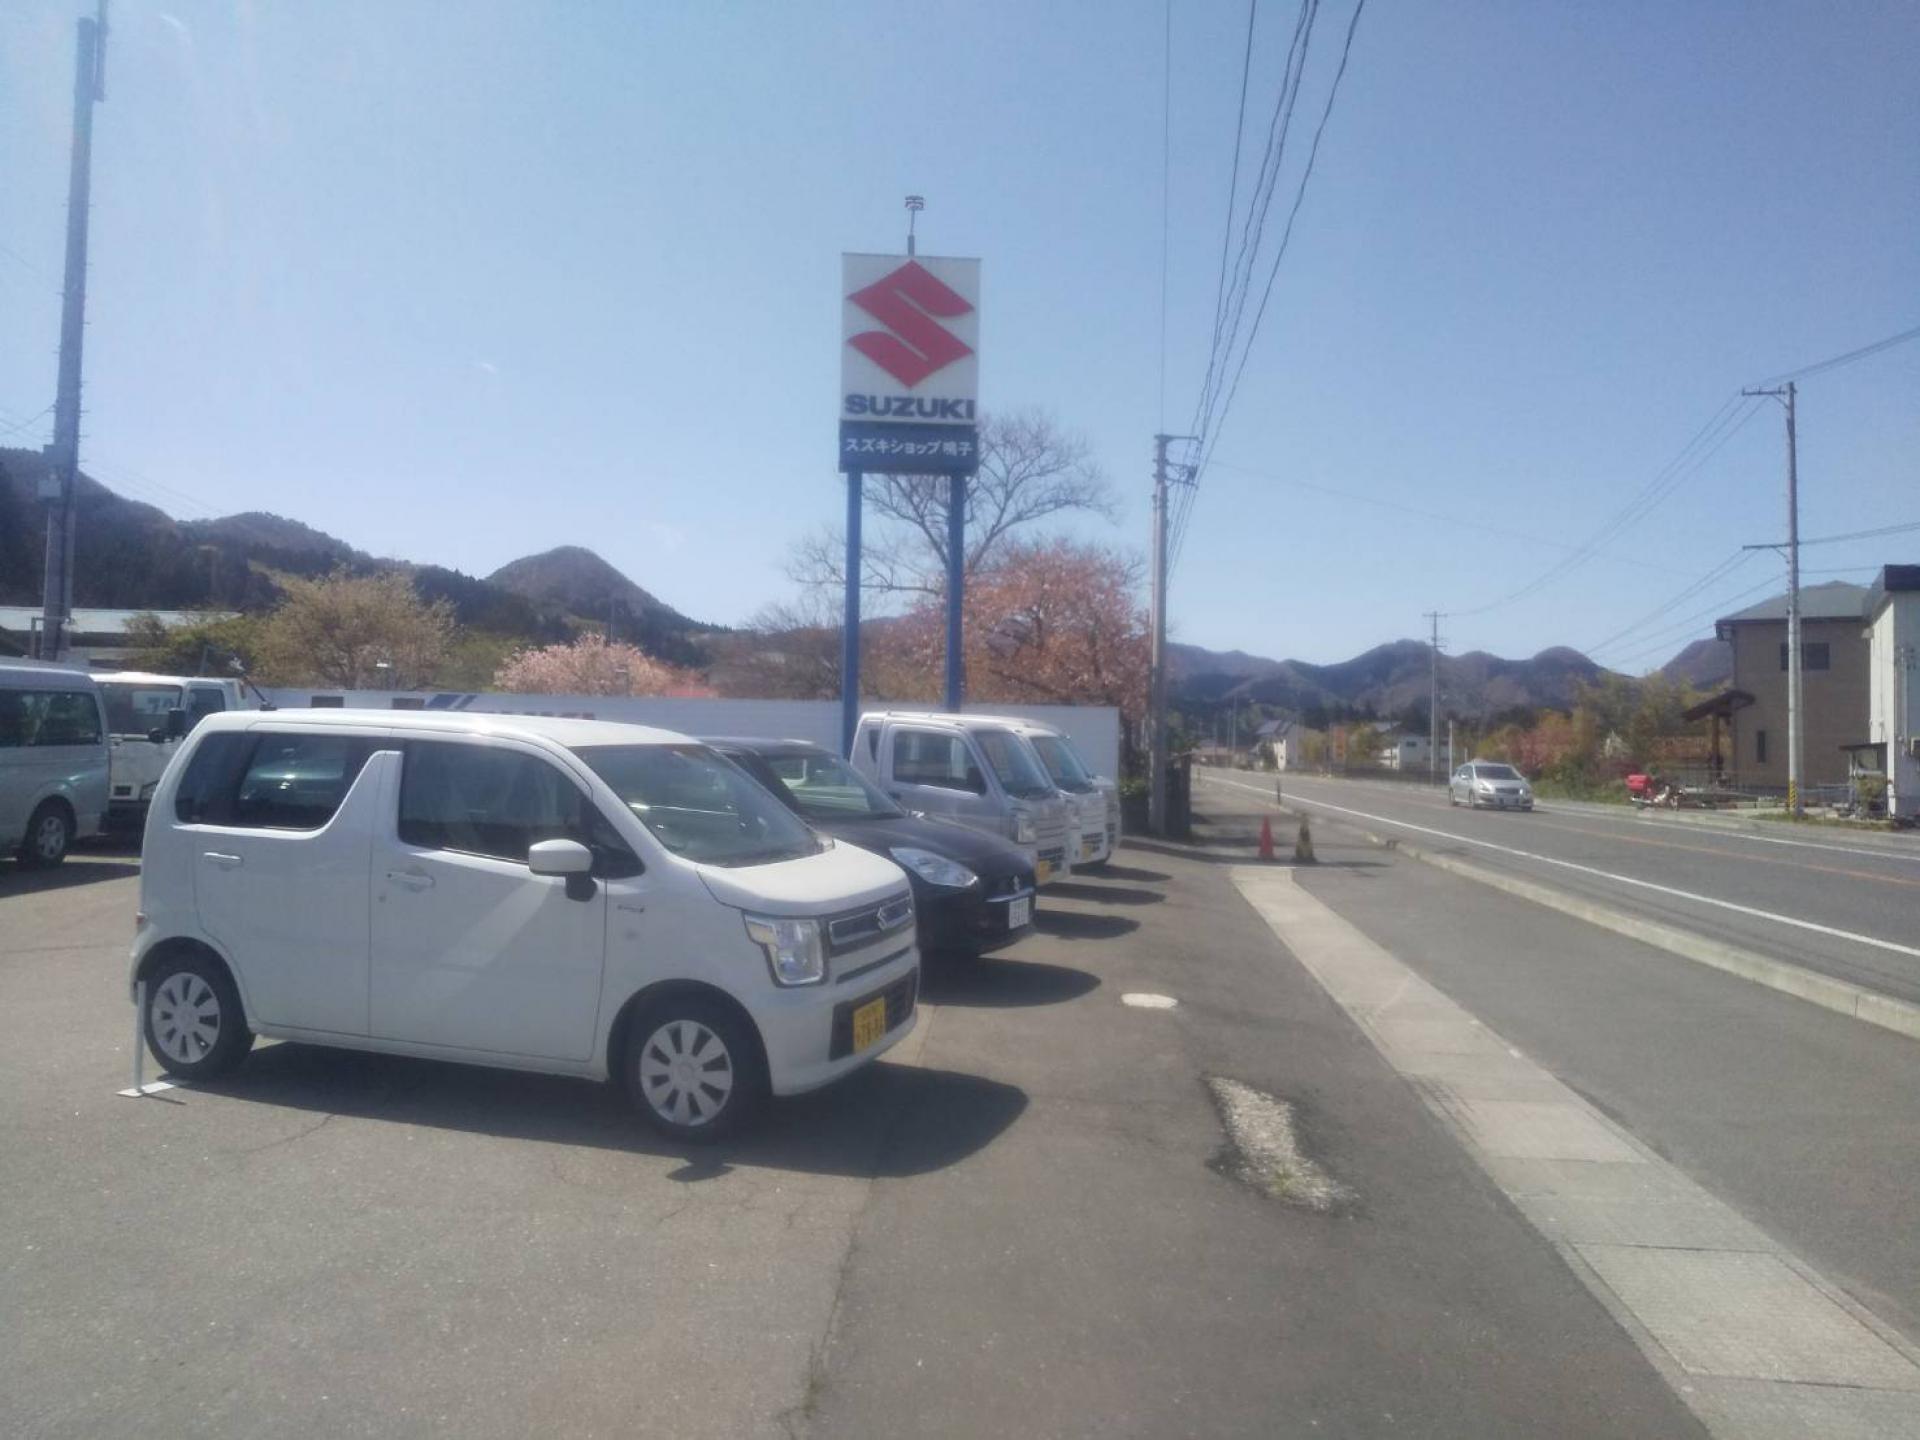 株式会社ナルコモガミモータース 新車市場 大崎鳴子店